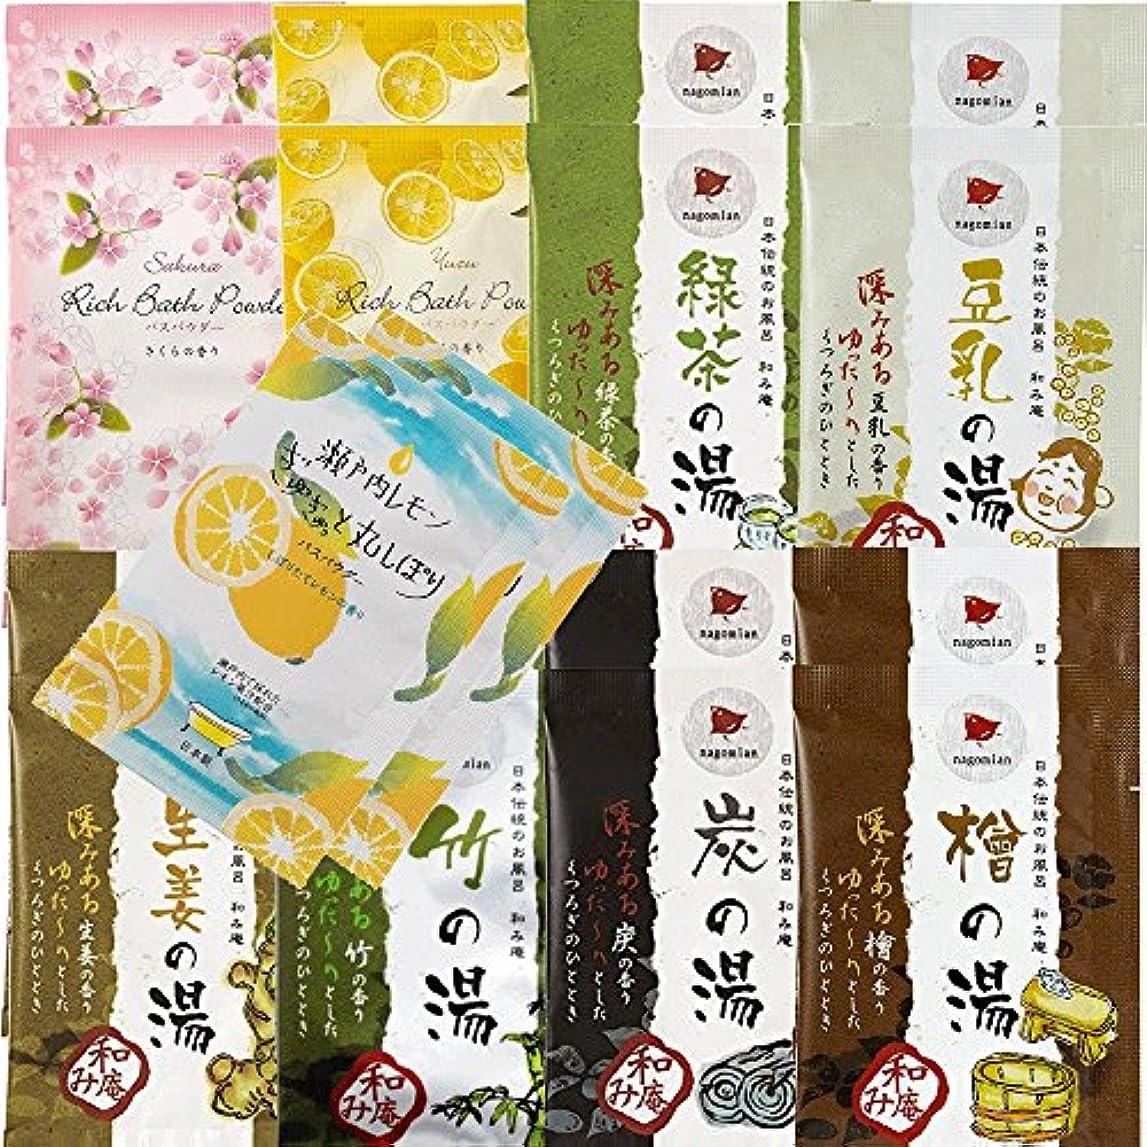 突然の絶えずシール日本伝統のお風呂 和み庵 6種類×2 + バスパウダー 3種類×2セット 和風入浴剤 18包セット